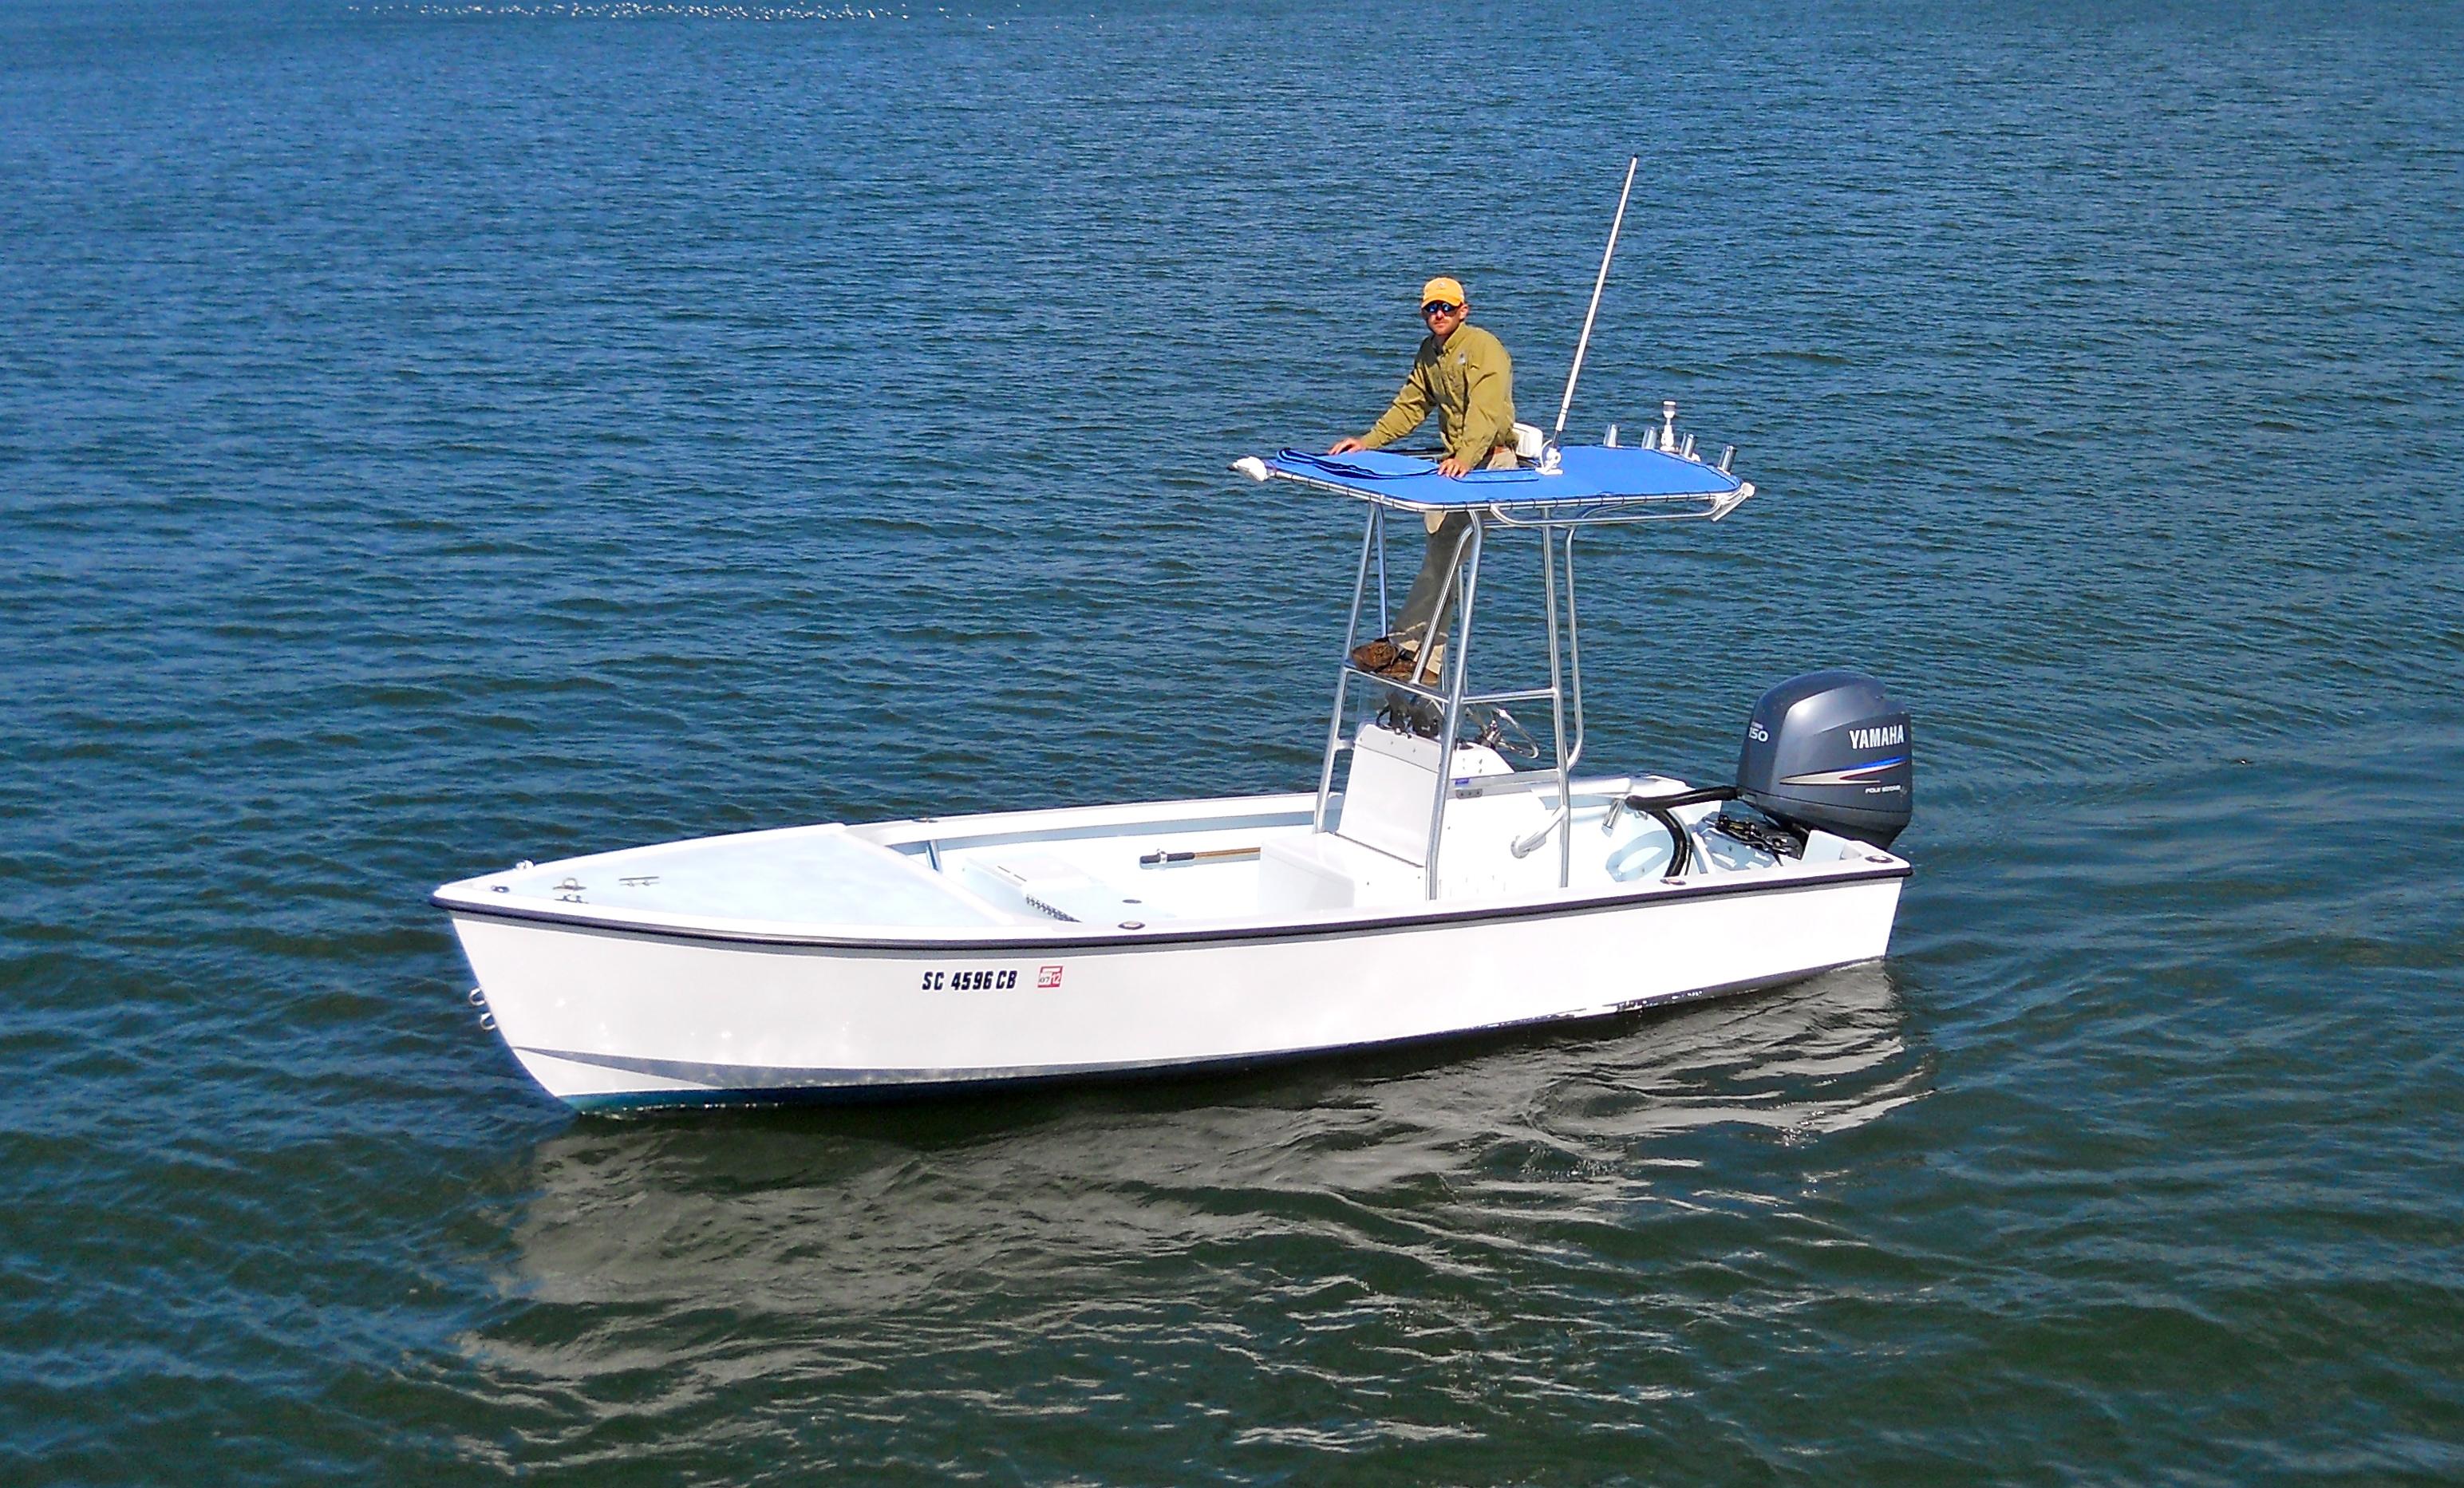 Hilton head fishing charters charter fishing in hilton for Fishing charters hilton head